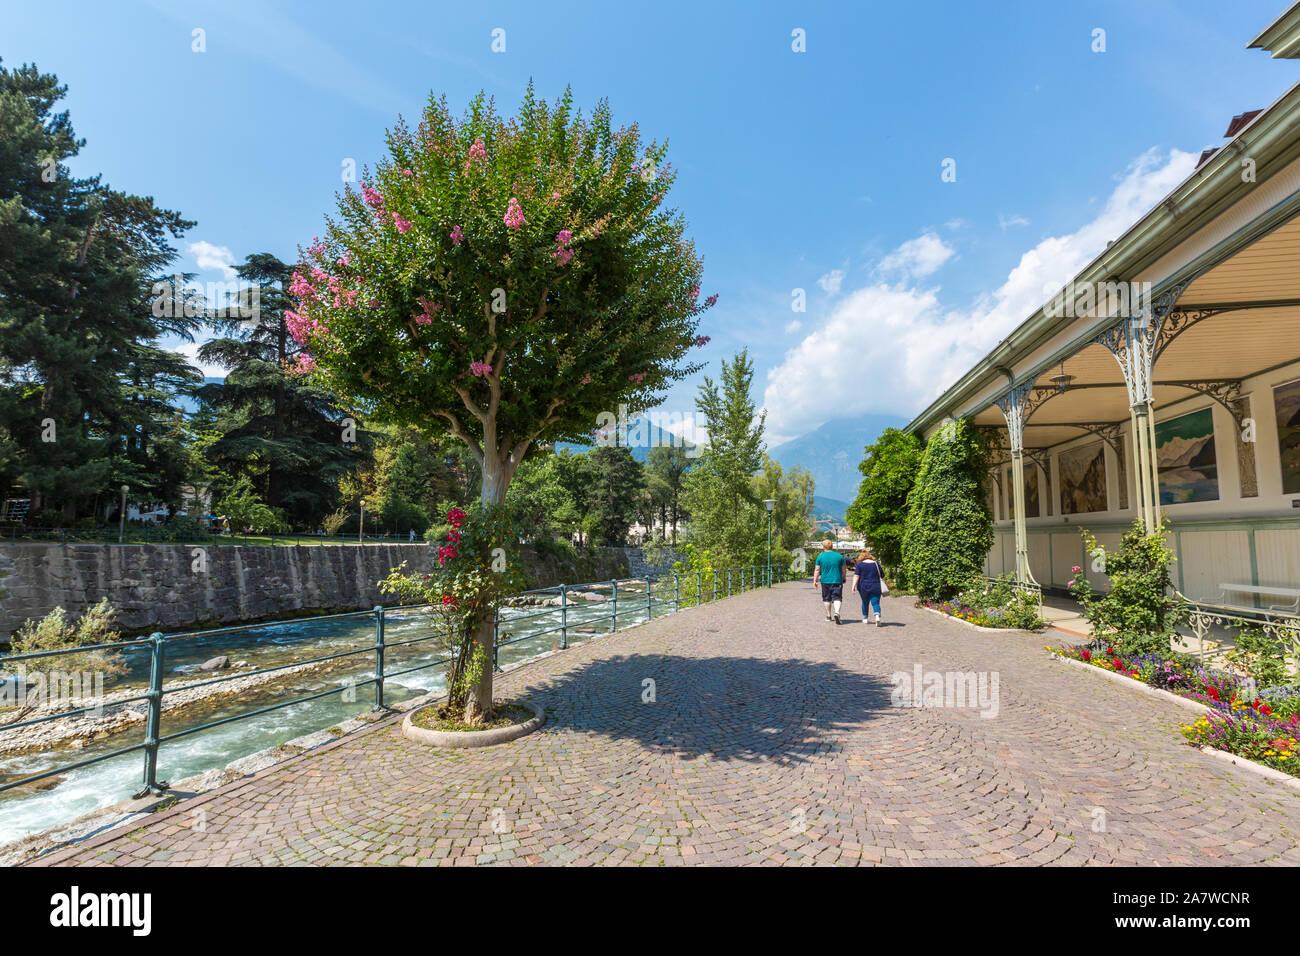 MERANO, ITALY - JULY 20, 2019 - Merano Winterpromenade along the torrente Passirio. Its most distinctive landmark is the Wandelhalle covered passagewa Stock Photo